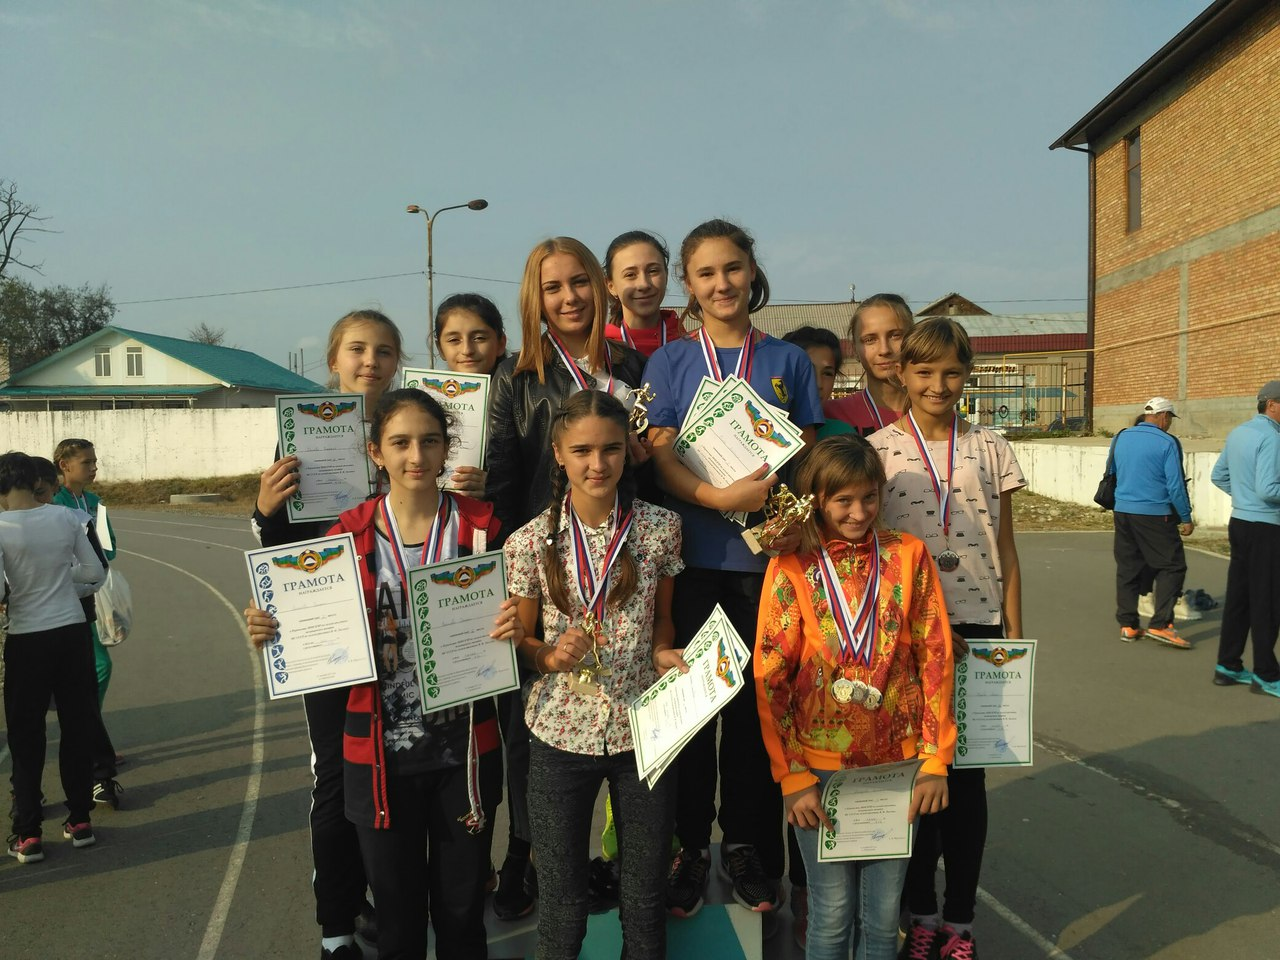 Более 100 лучших легкоатлетов КЧР соревновались в Зеленчукском районе